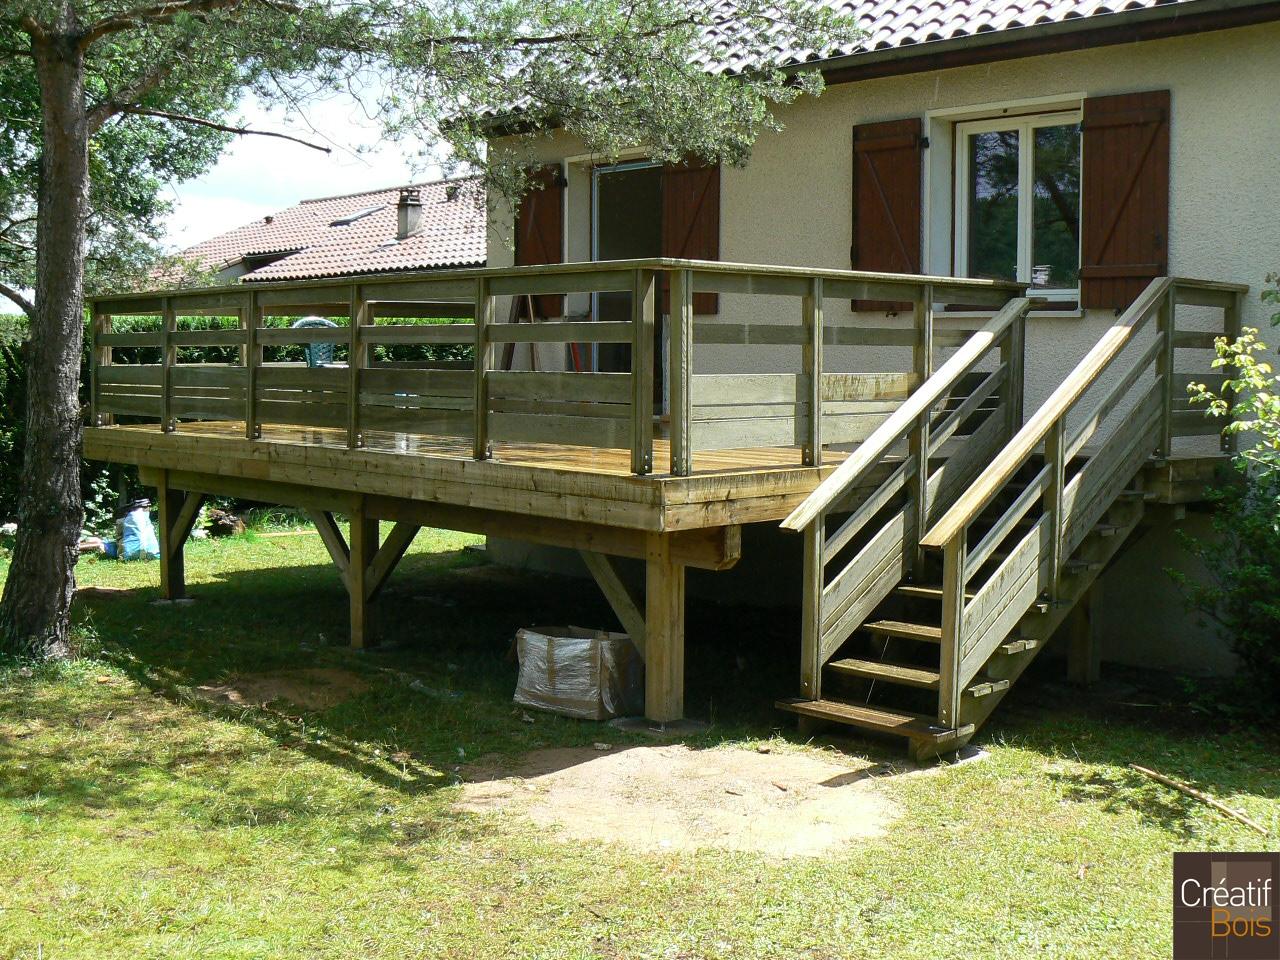 terrasse bois autoportante beaubreuil haute vienne 87 r alisations terrasses galerie. Black Bedroom Furniture Sets. Home Design Ideas